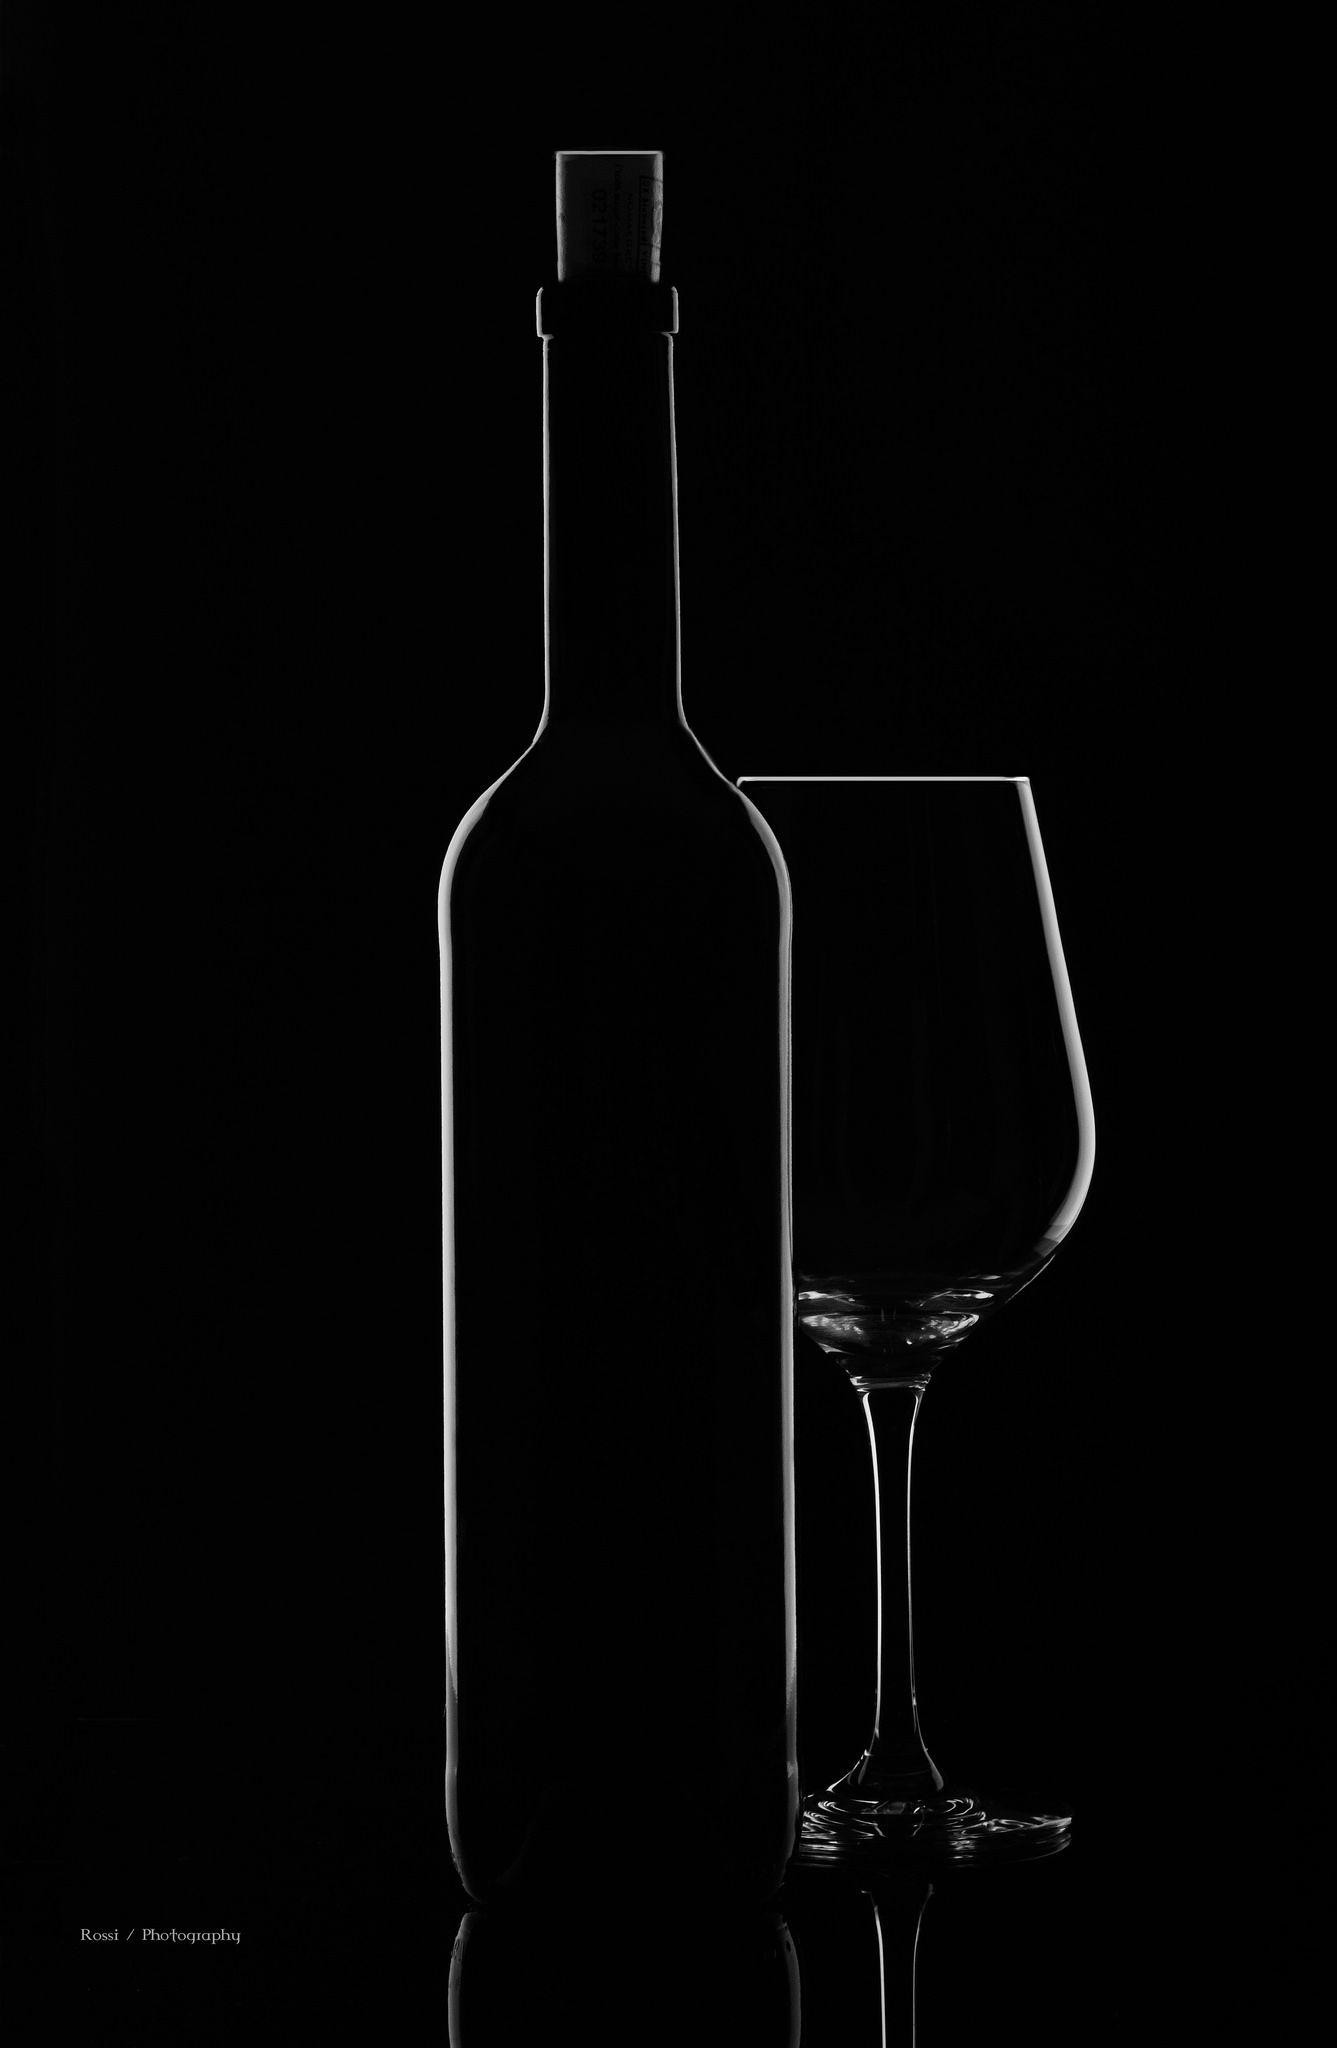 https://flic.kr/p/QKrVsa | DSC_2011 | Weinflasche , Weinglas auf schwarzen HG